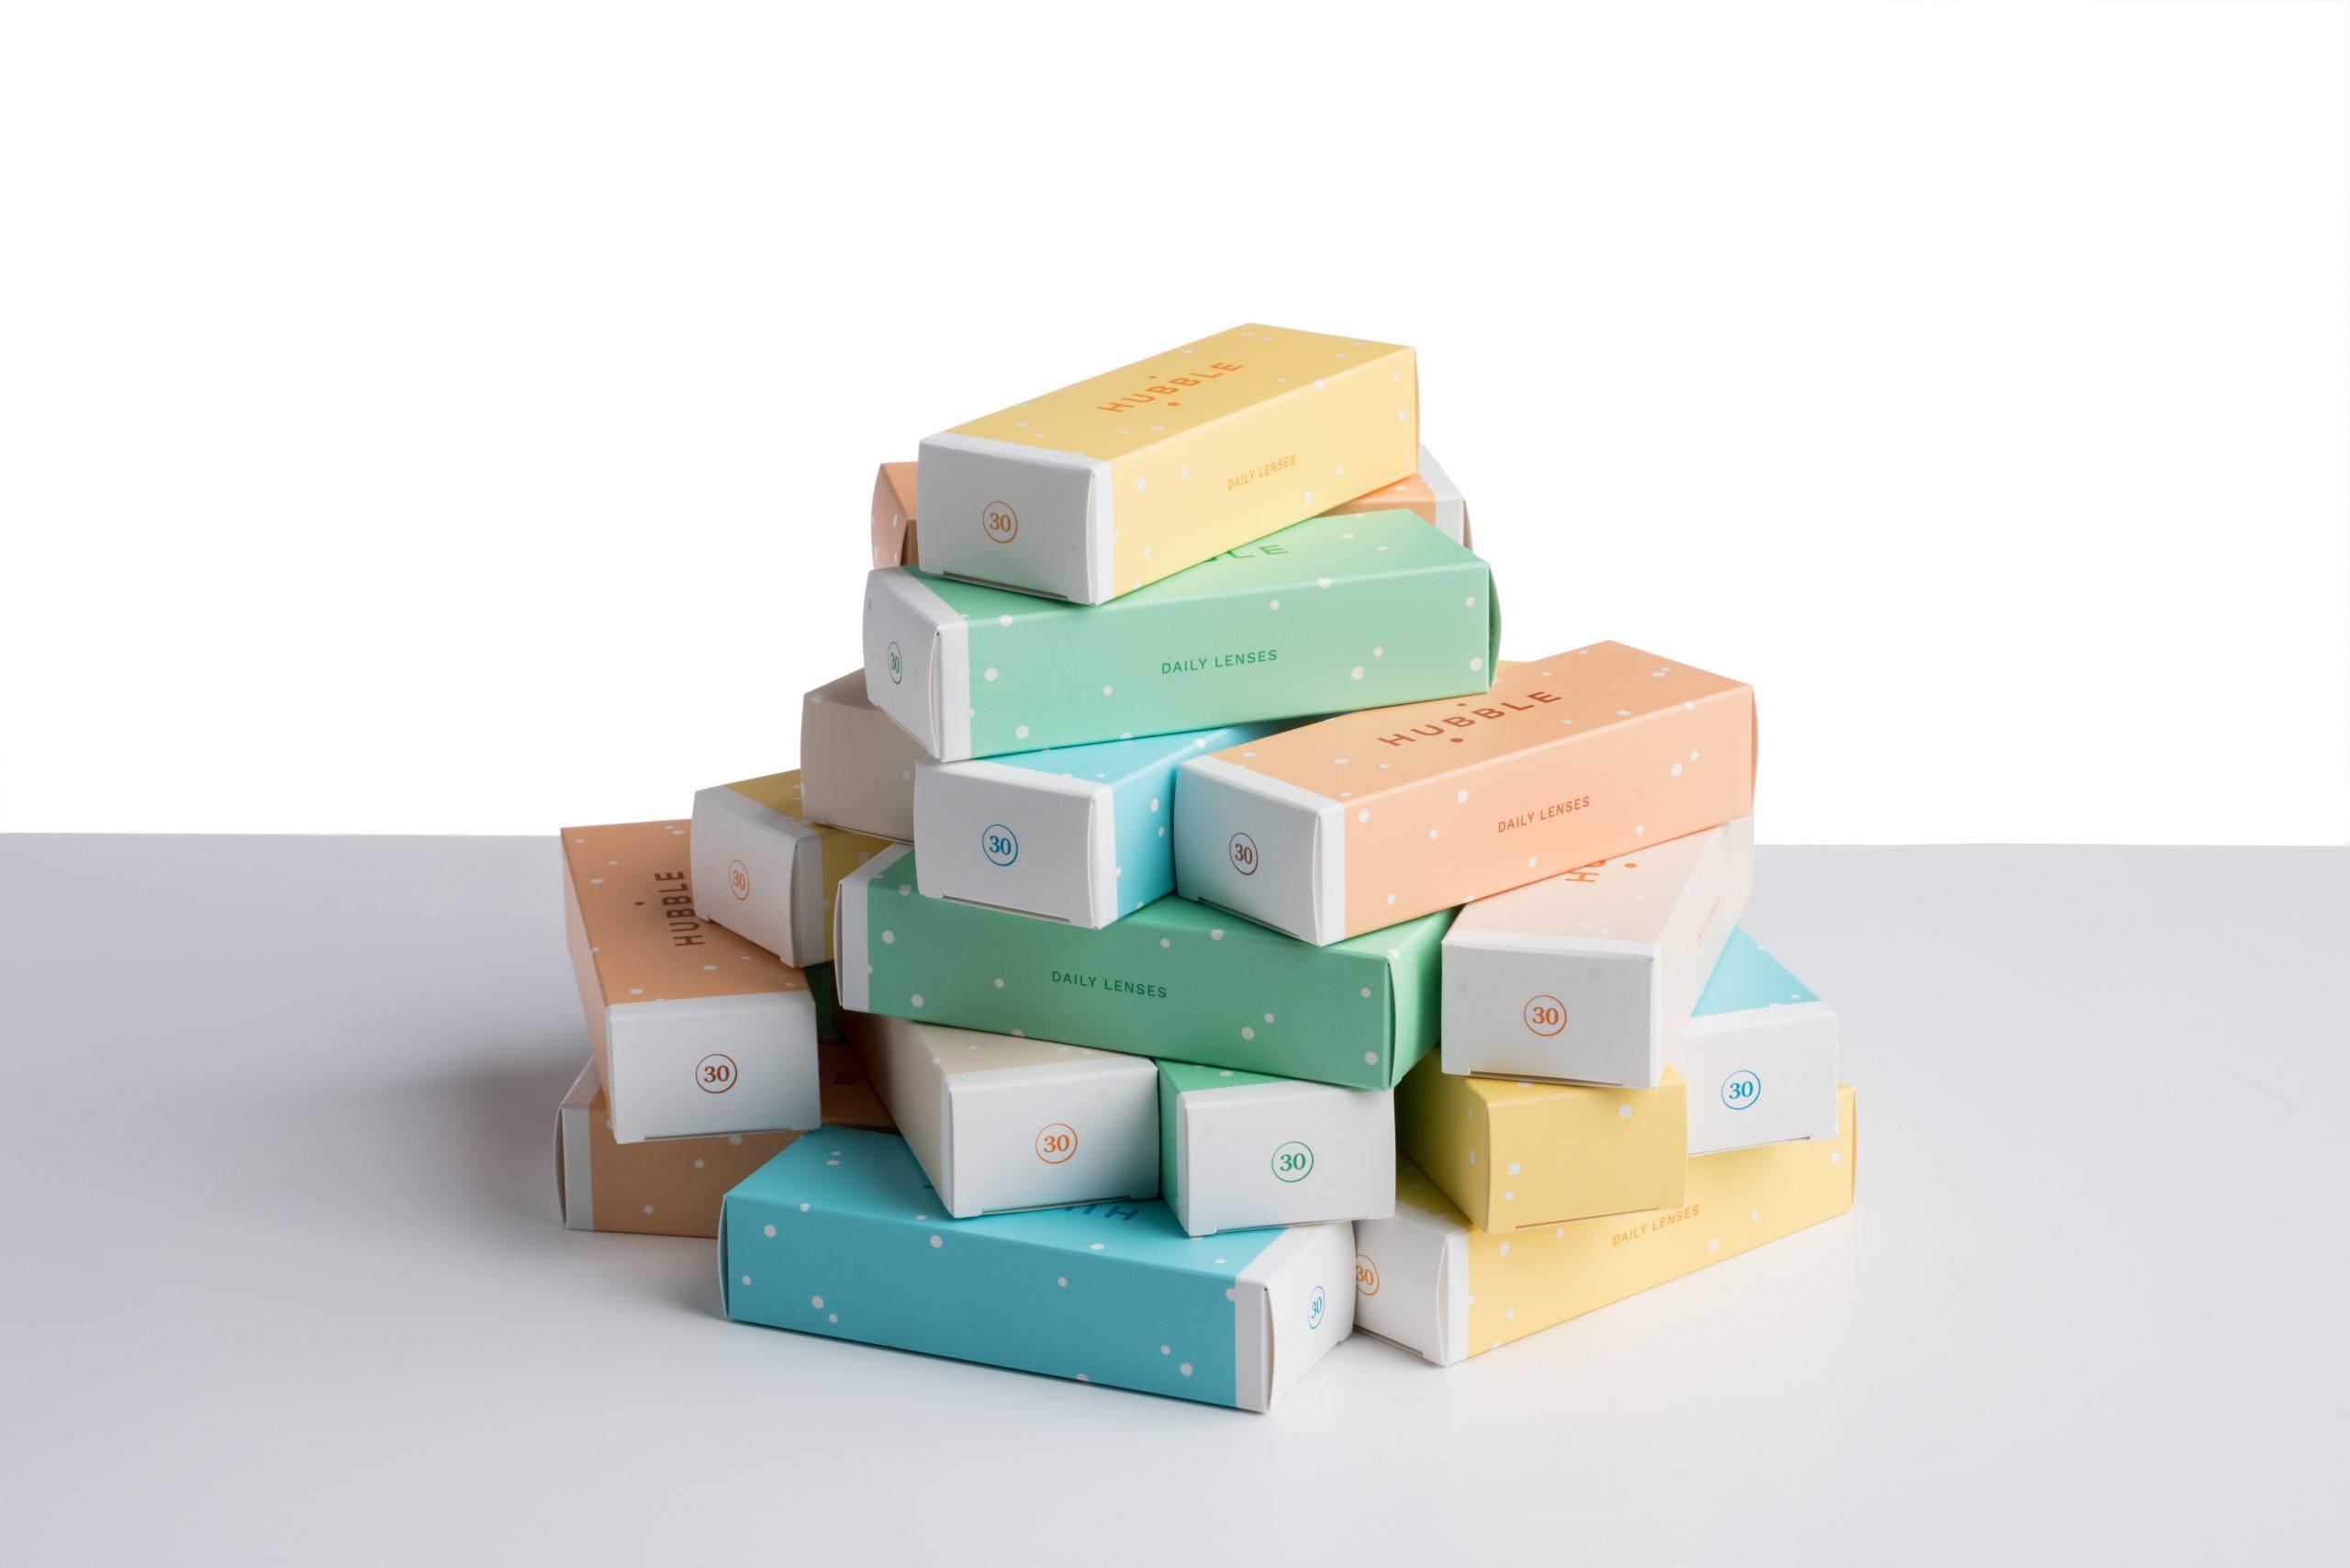 Des boites en carton colorées